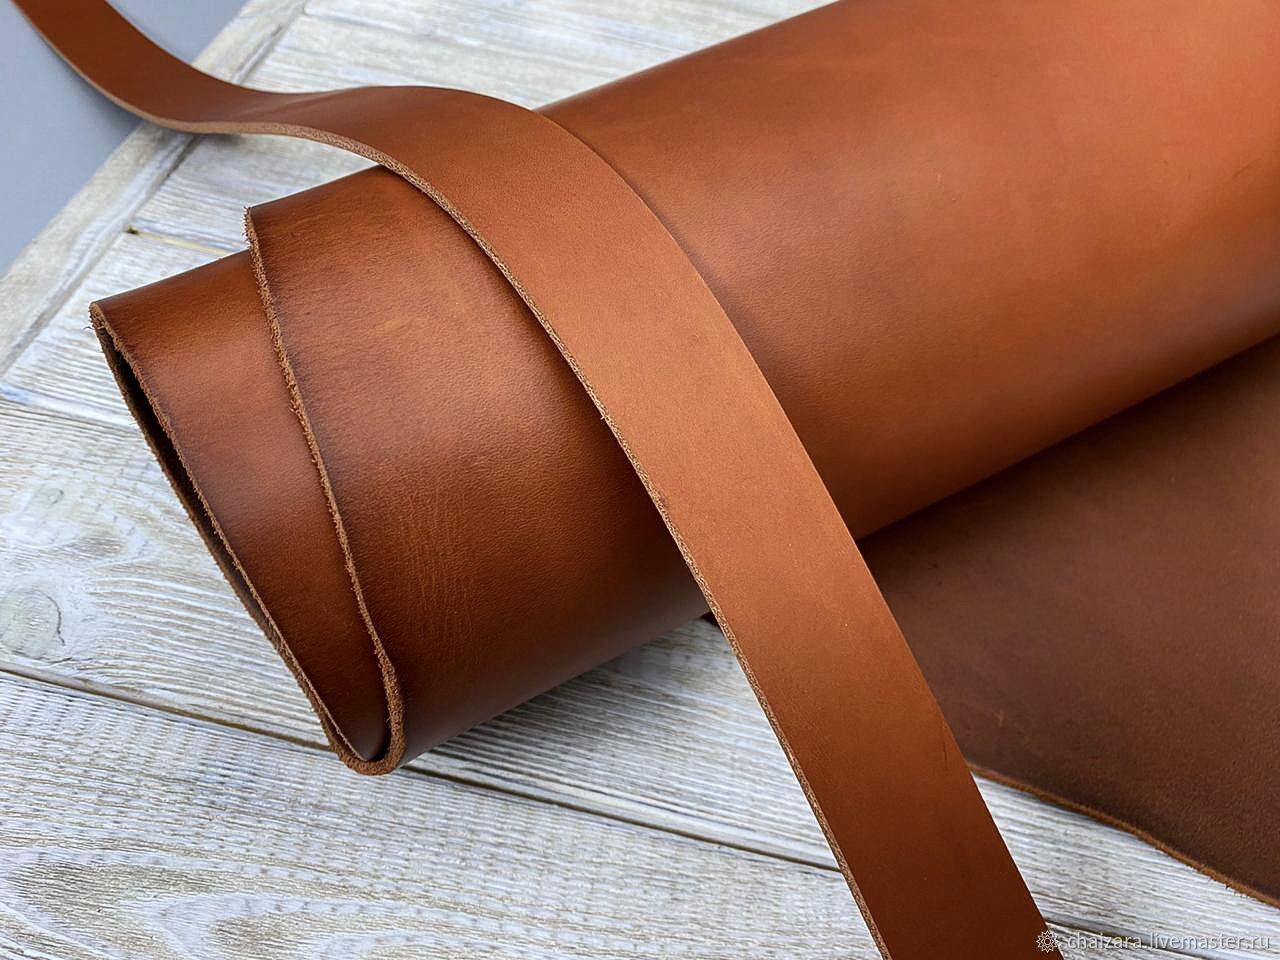 Ременная кожа 3.8-4.0 мм Dakota Tan New, Кожа, Оренбург,  Фото №1